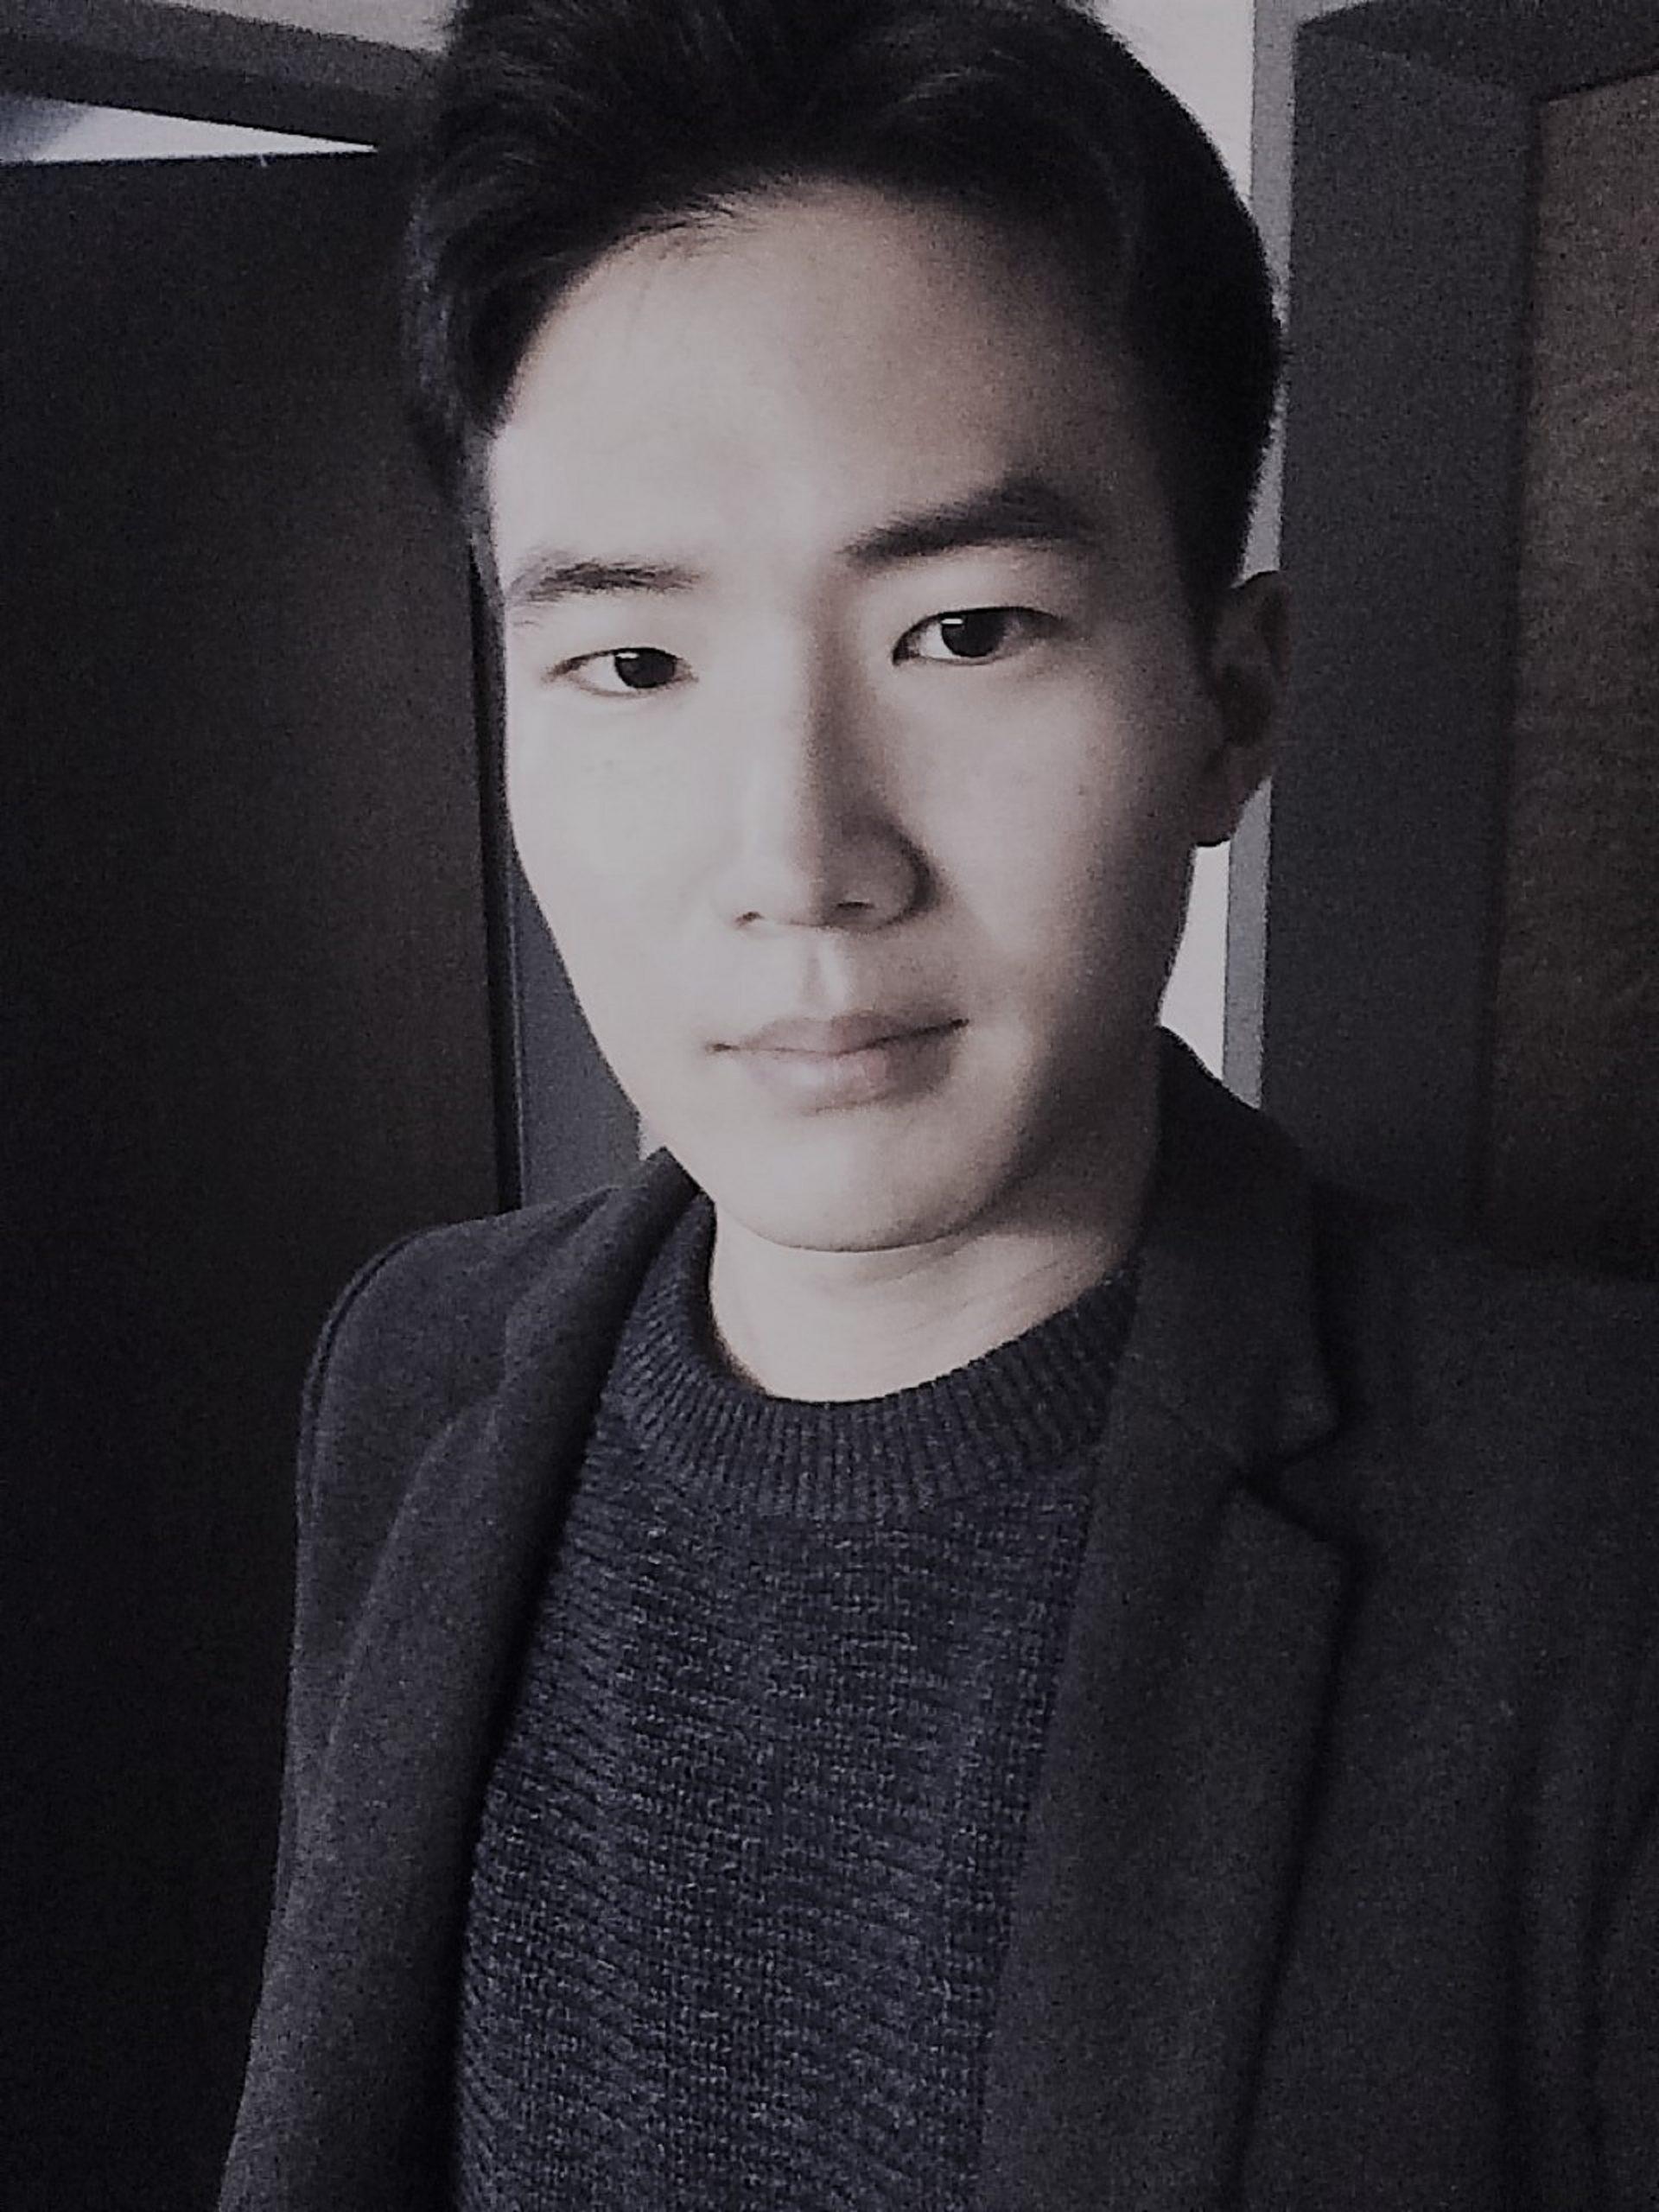 Seokbin Kwon (South Korea)